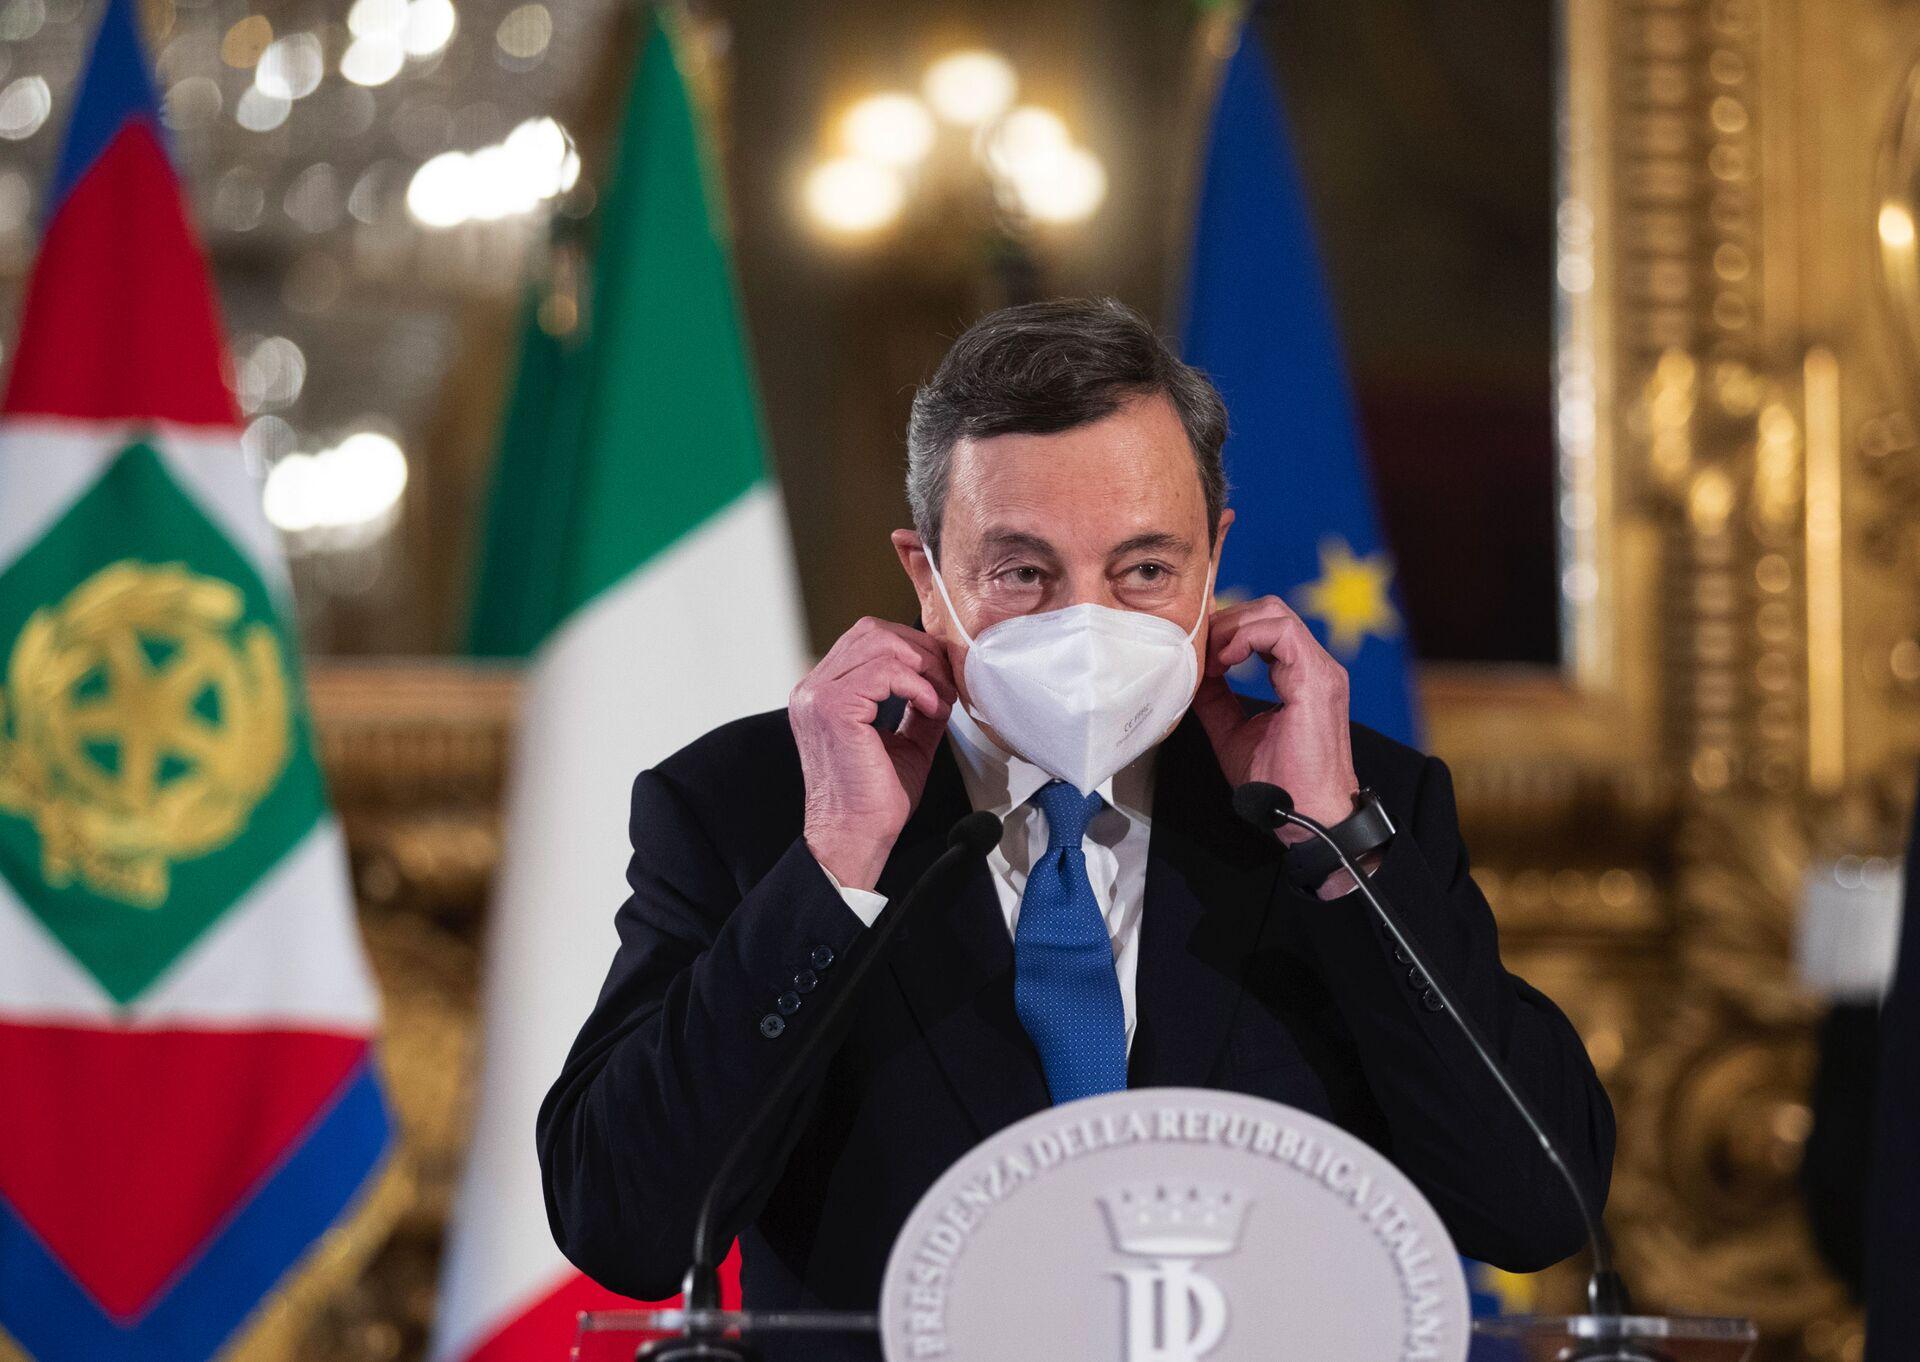 Esperto di comunicazione e vicino al Pd, ecco chi è il nuovo capo di gabinetto di Draghi - Sputnik Italia, 1920, 16.02.2021